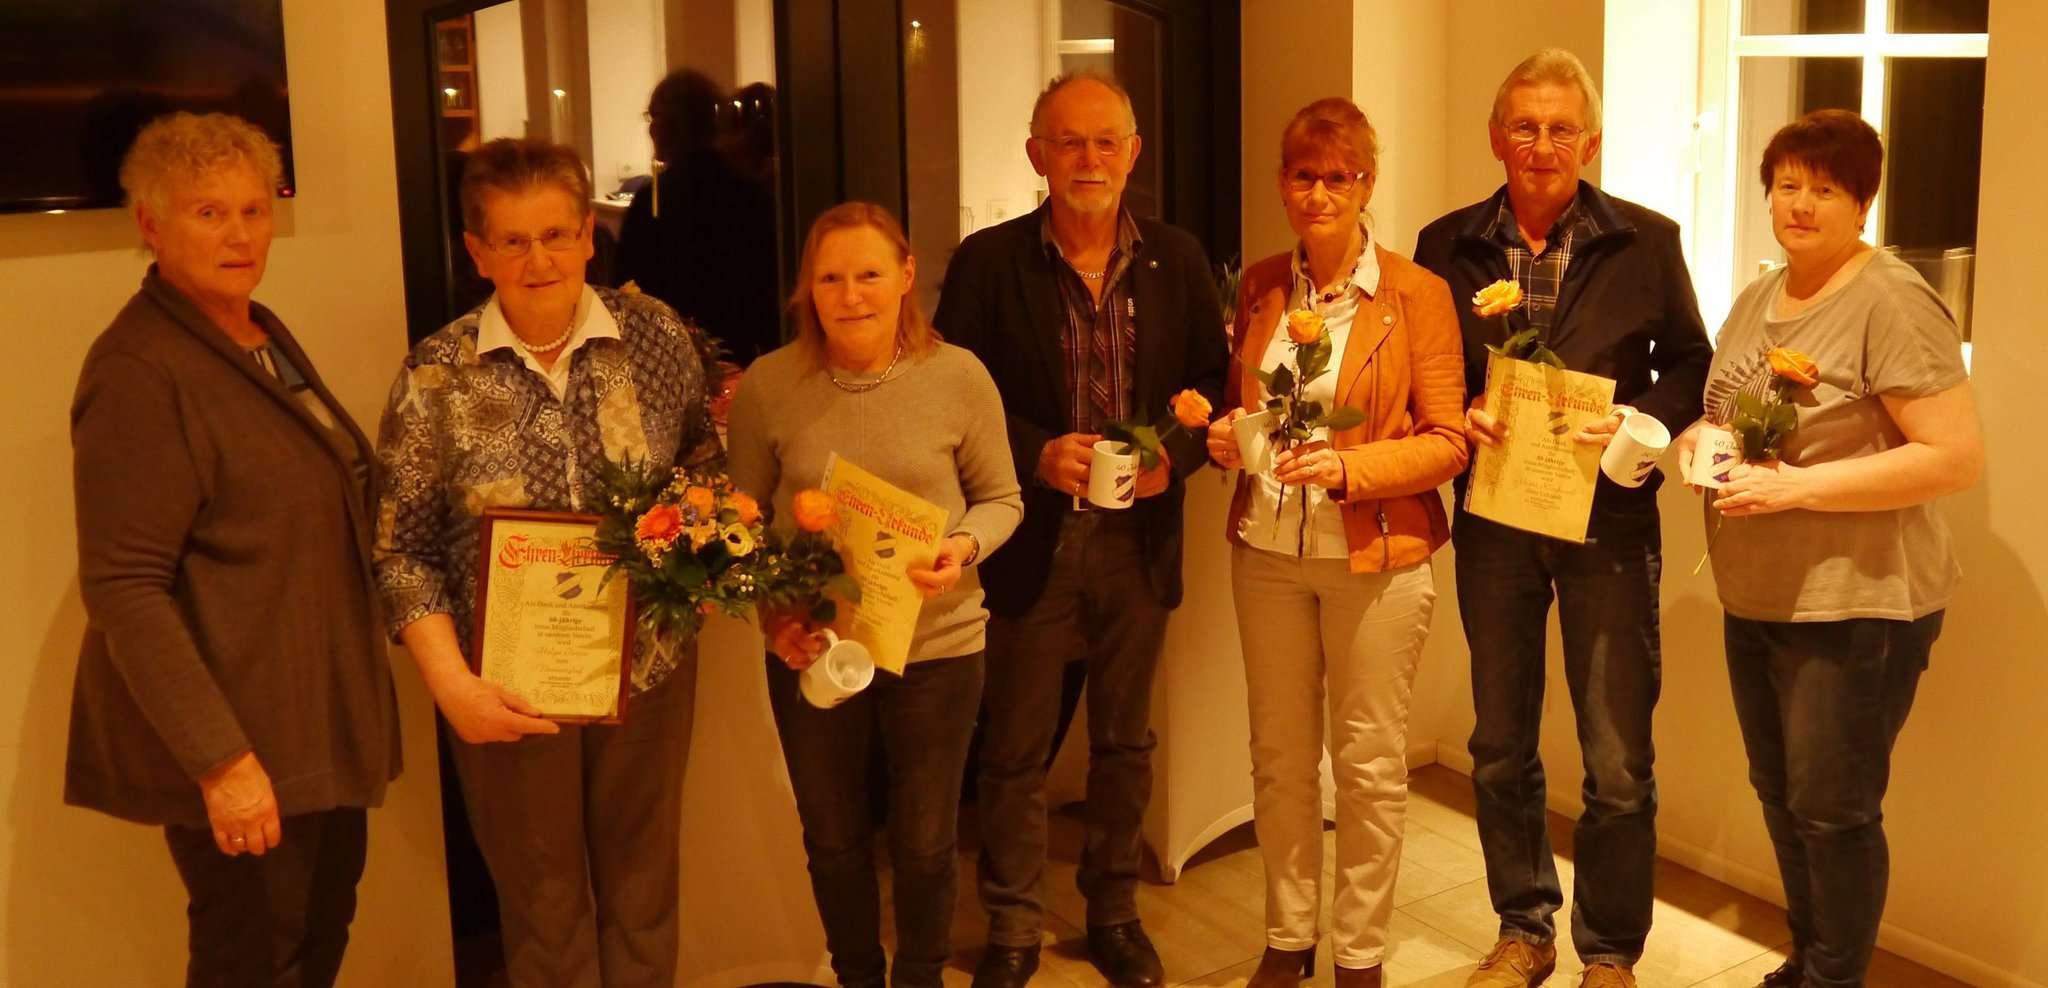 Vorsitzende Magret Kogge-Martens (links) mit einigen der für langjährige Vereinszugehörigkeit geehrten Mitgliedern